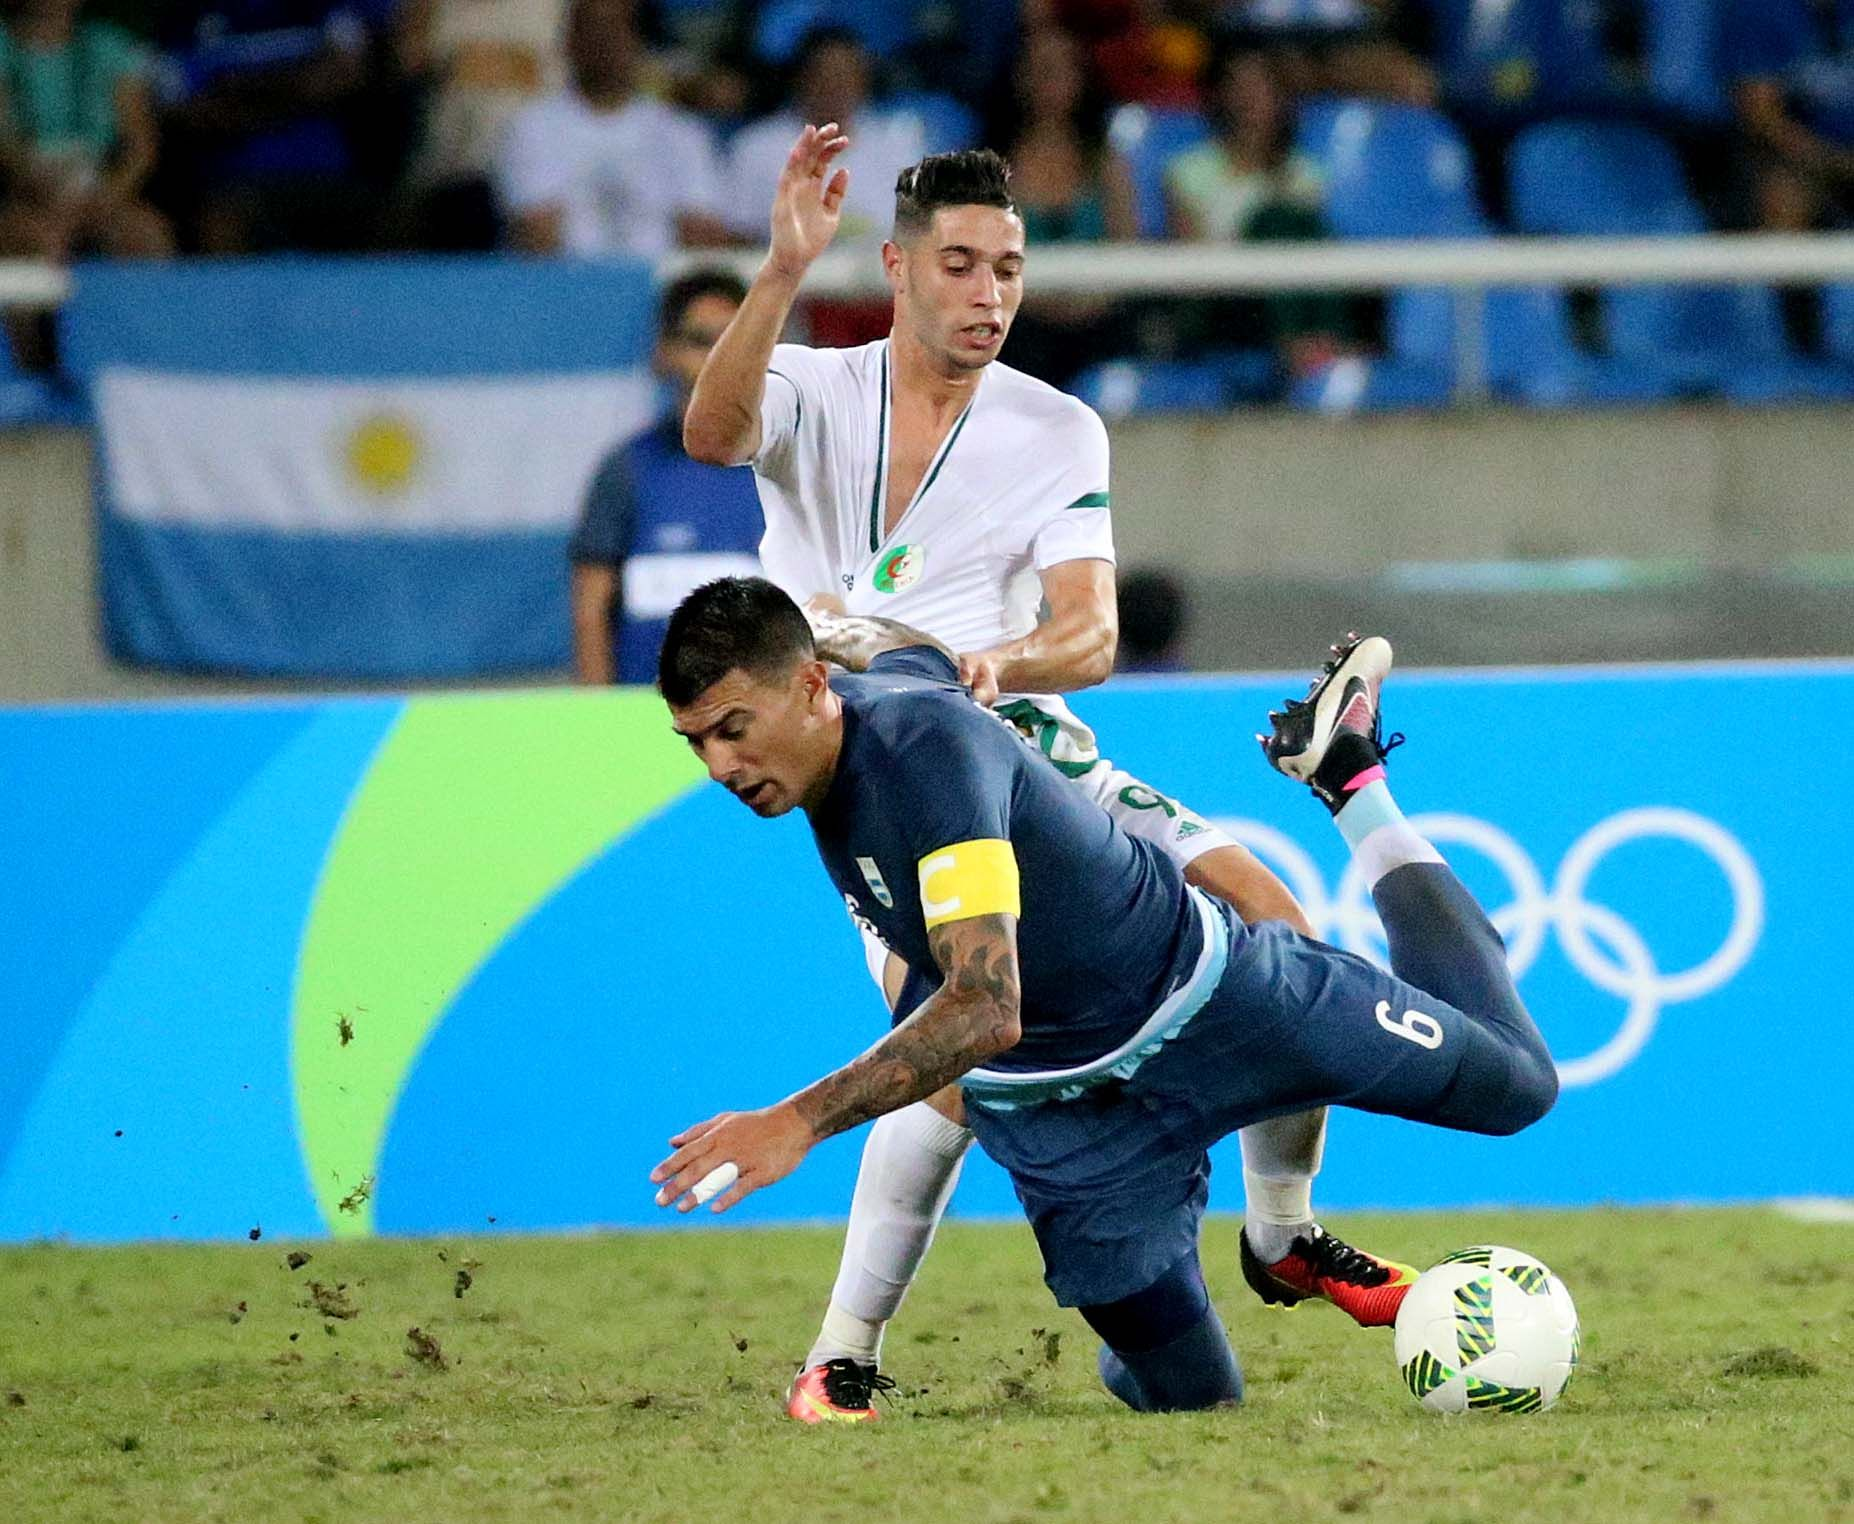 Con angustia, Argentina se sacó de encima a la débil Argelia y respira